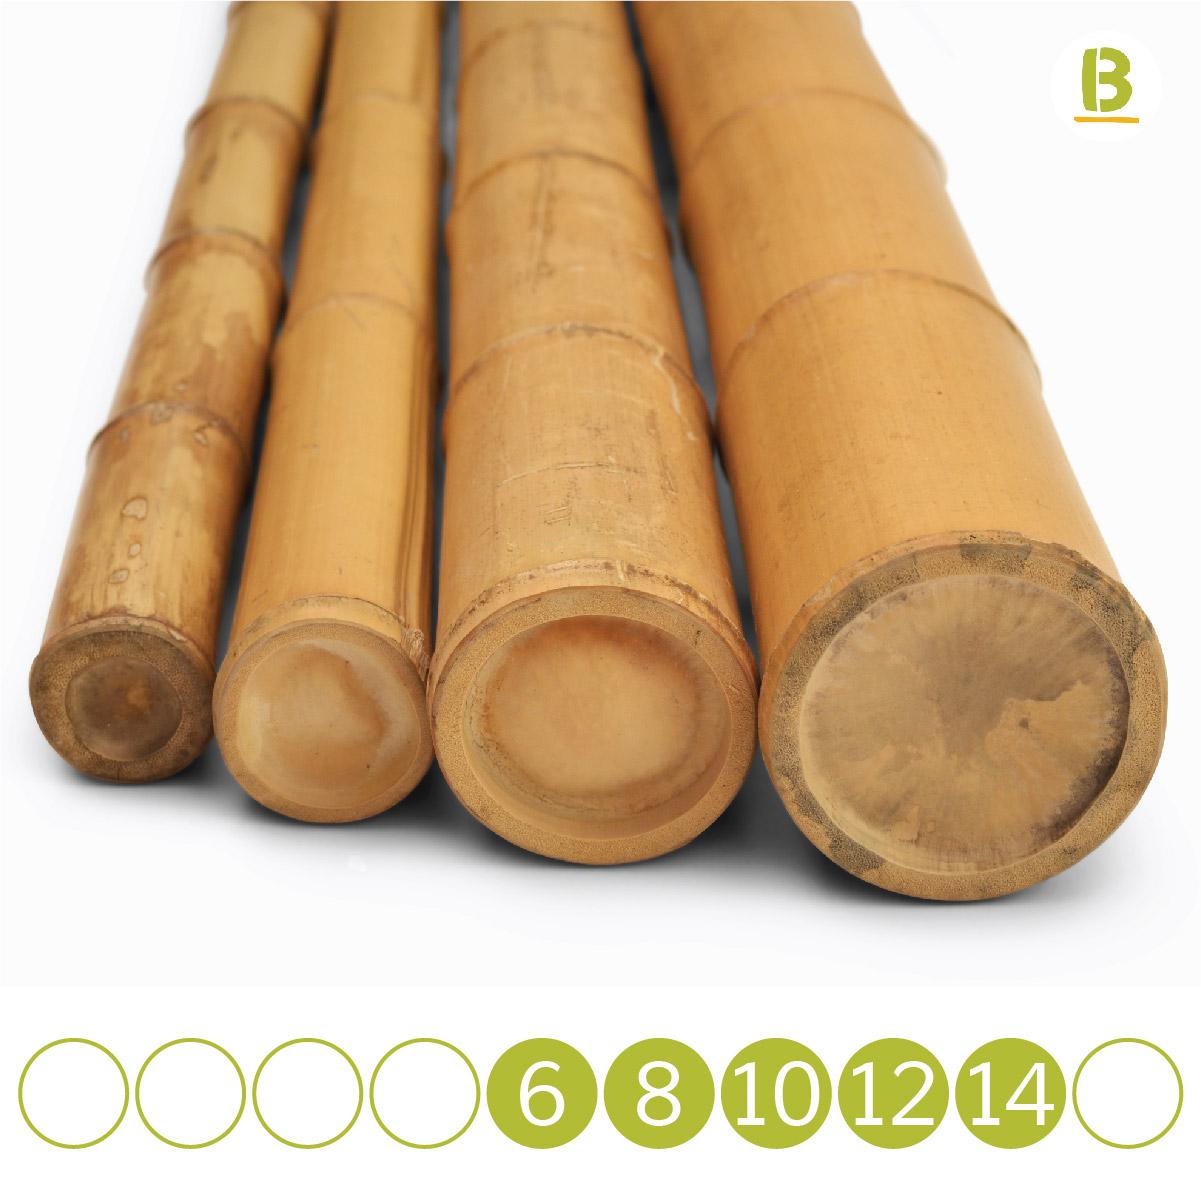 Cañas De Bambú Y Derivados Al Mejor Precio Bambusa Shop